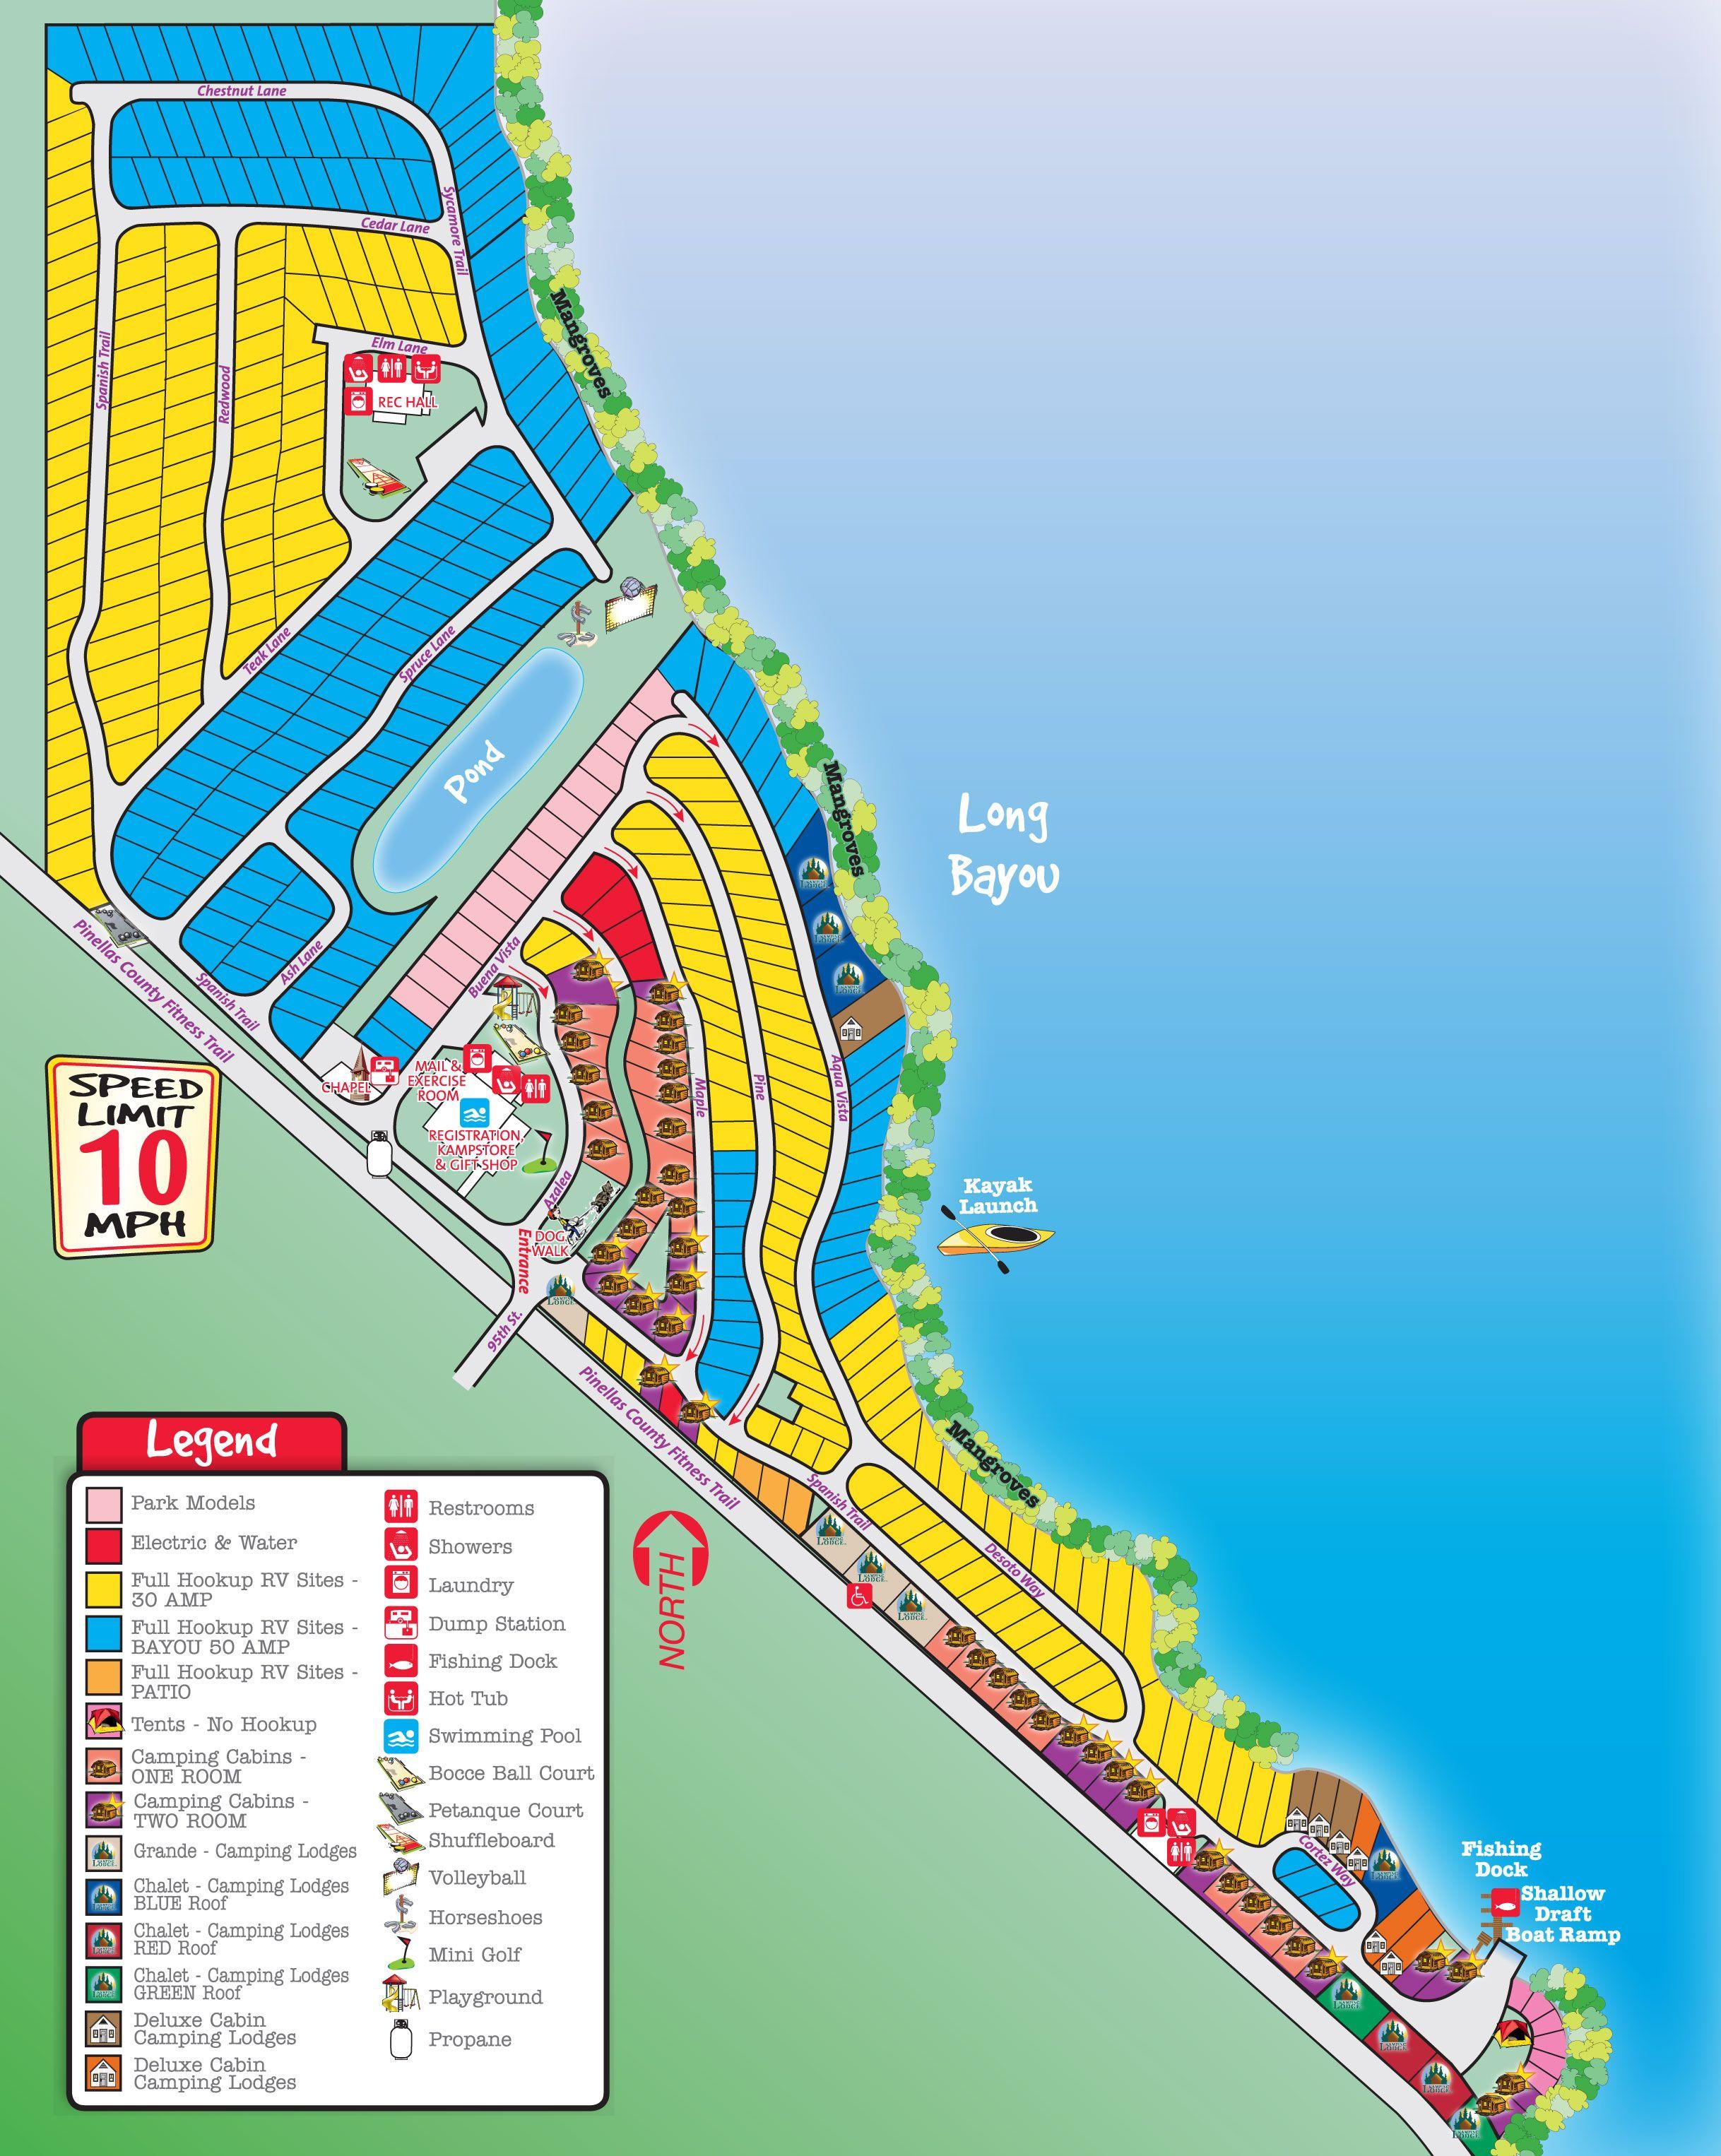 St. Petersburg / Madeira Beach Koa Campsites Start At $51.50 Per - Florida Camping Map